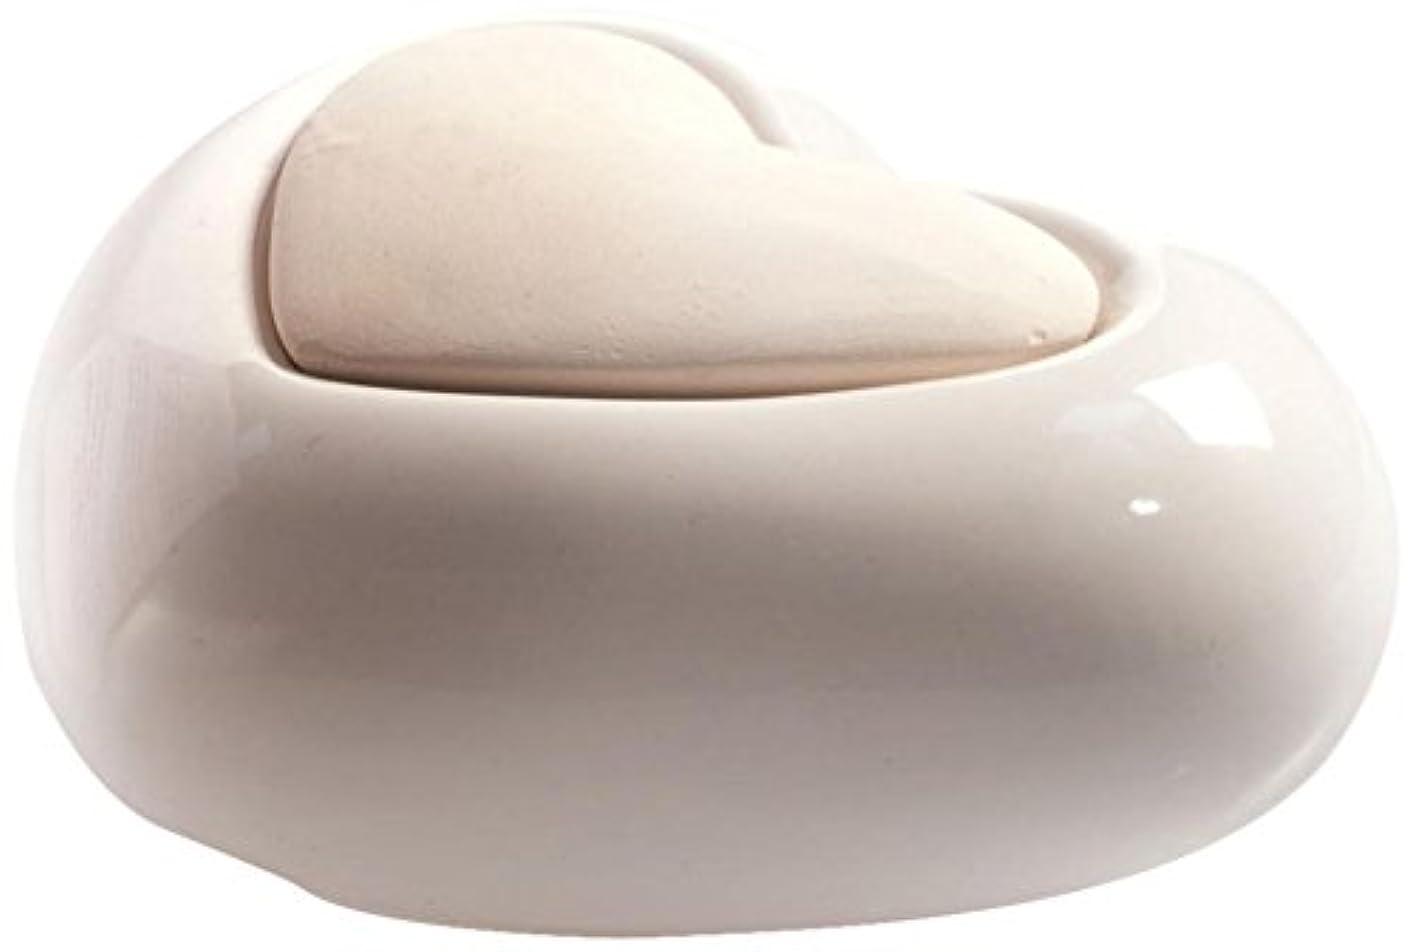 反乱に対処する応答Millefiori HEART ルームフレグランス用 ハート型セラミックディフューザー ホワイト LDIF-CM-001